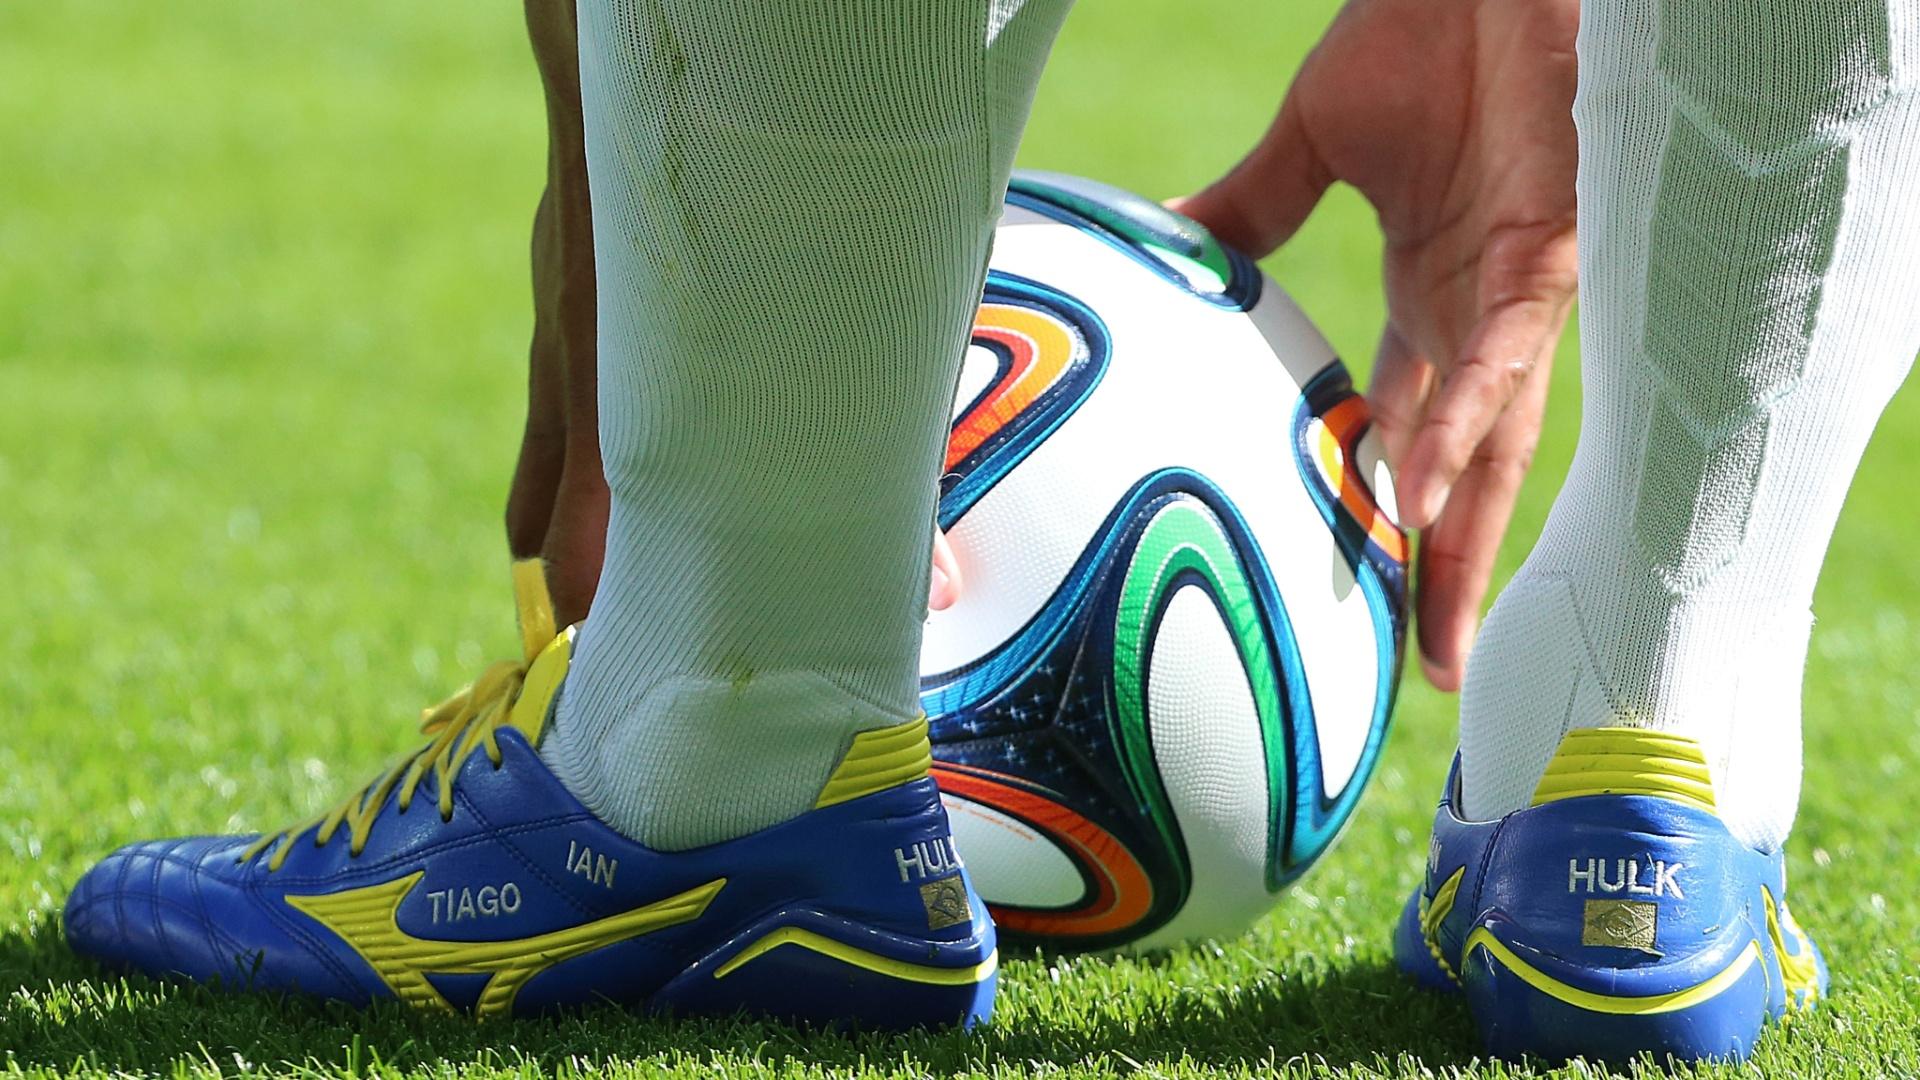 Hulk ajeita a bola para cobrança de falta na partida entre Brasil e Chile, pelas oitavas de final da Copa